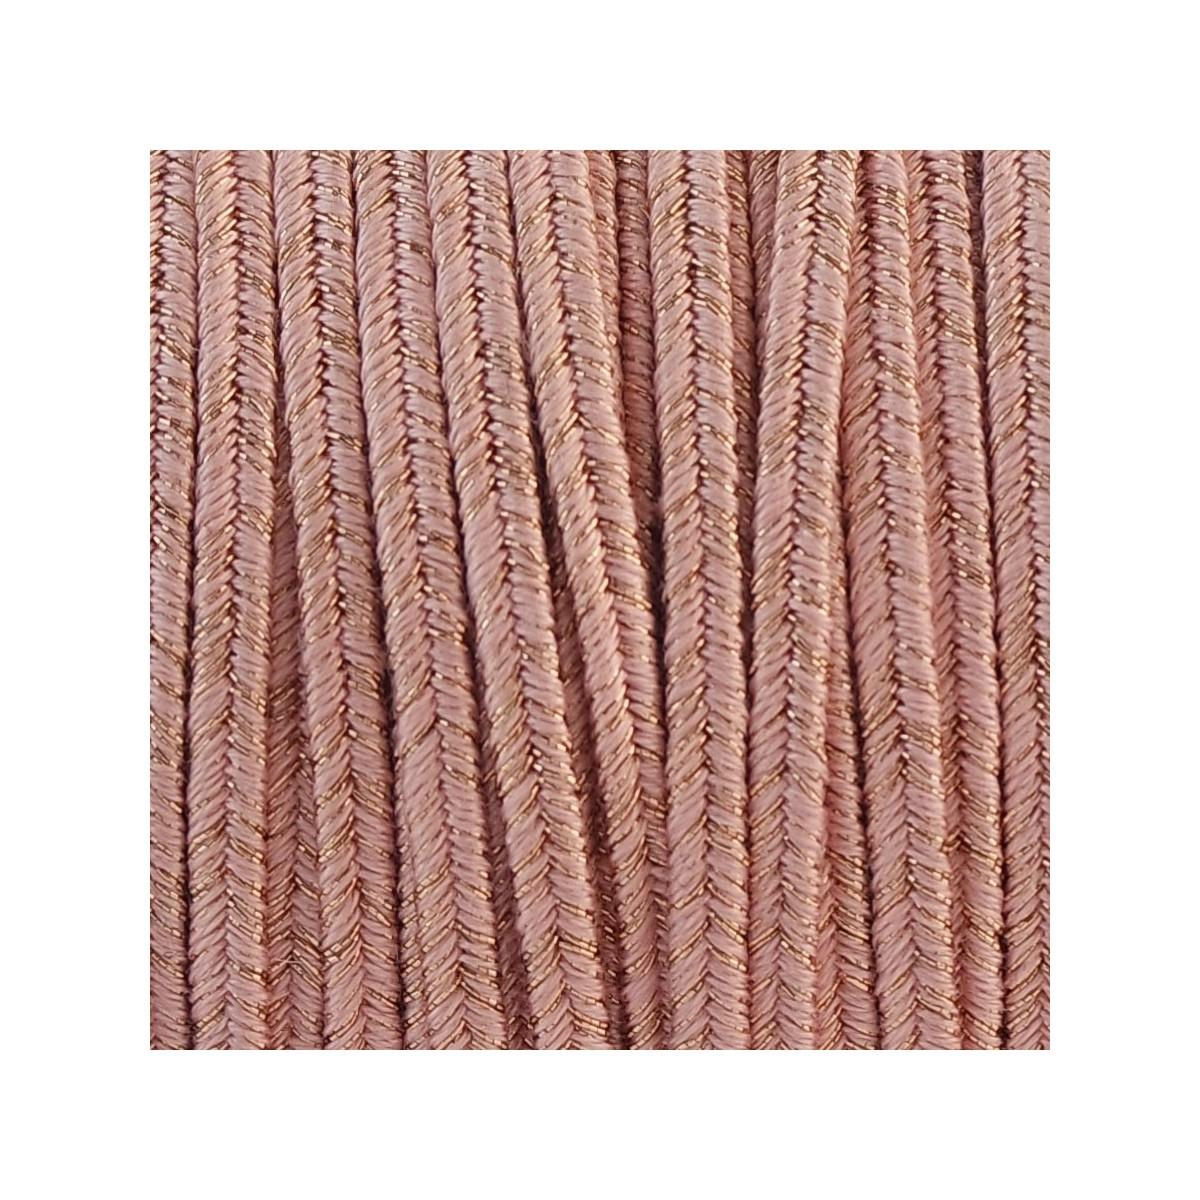 Soutache Cotton CAMILLA LAME' mm 4,0 x 2mt